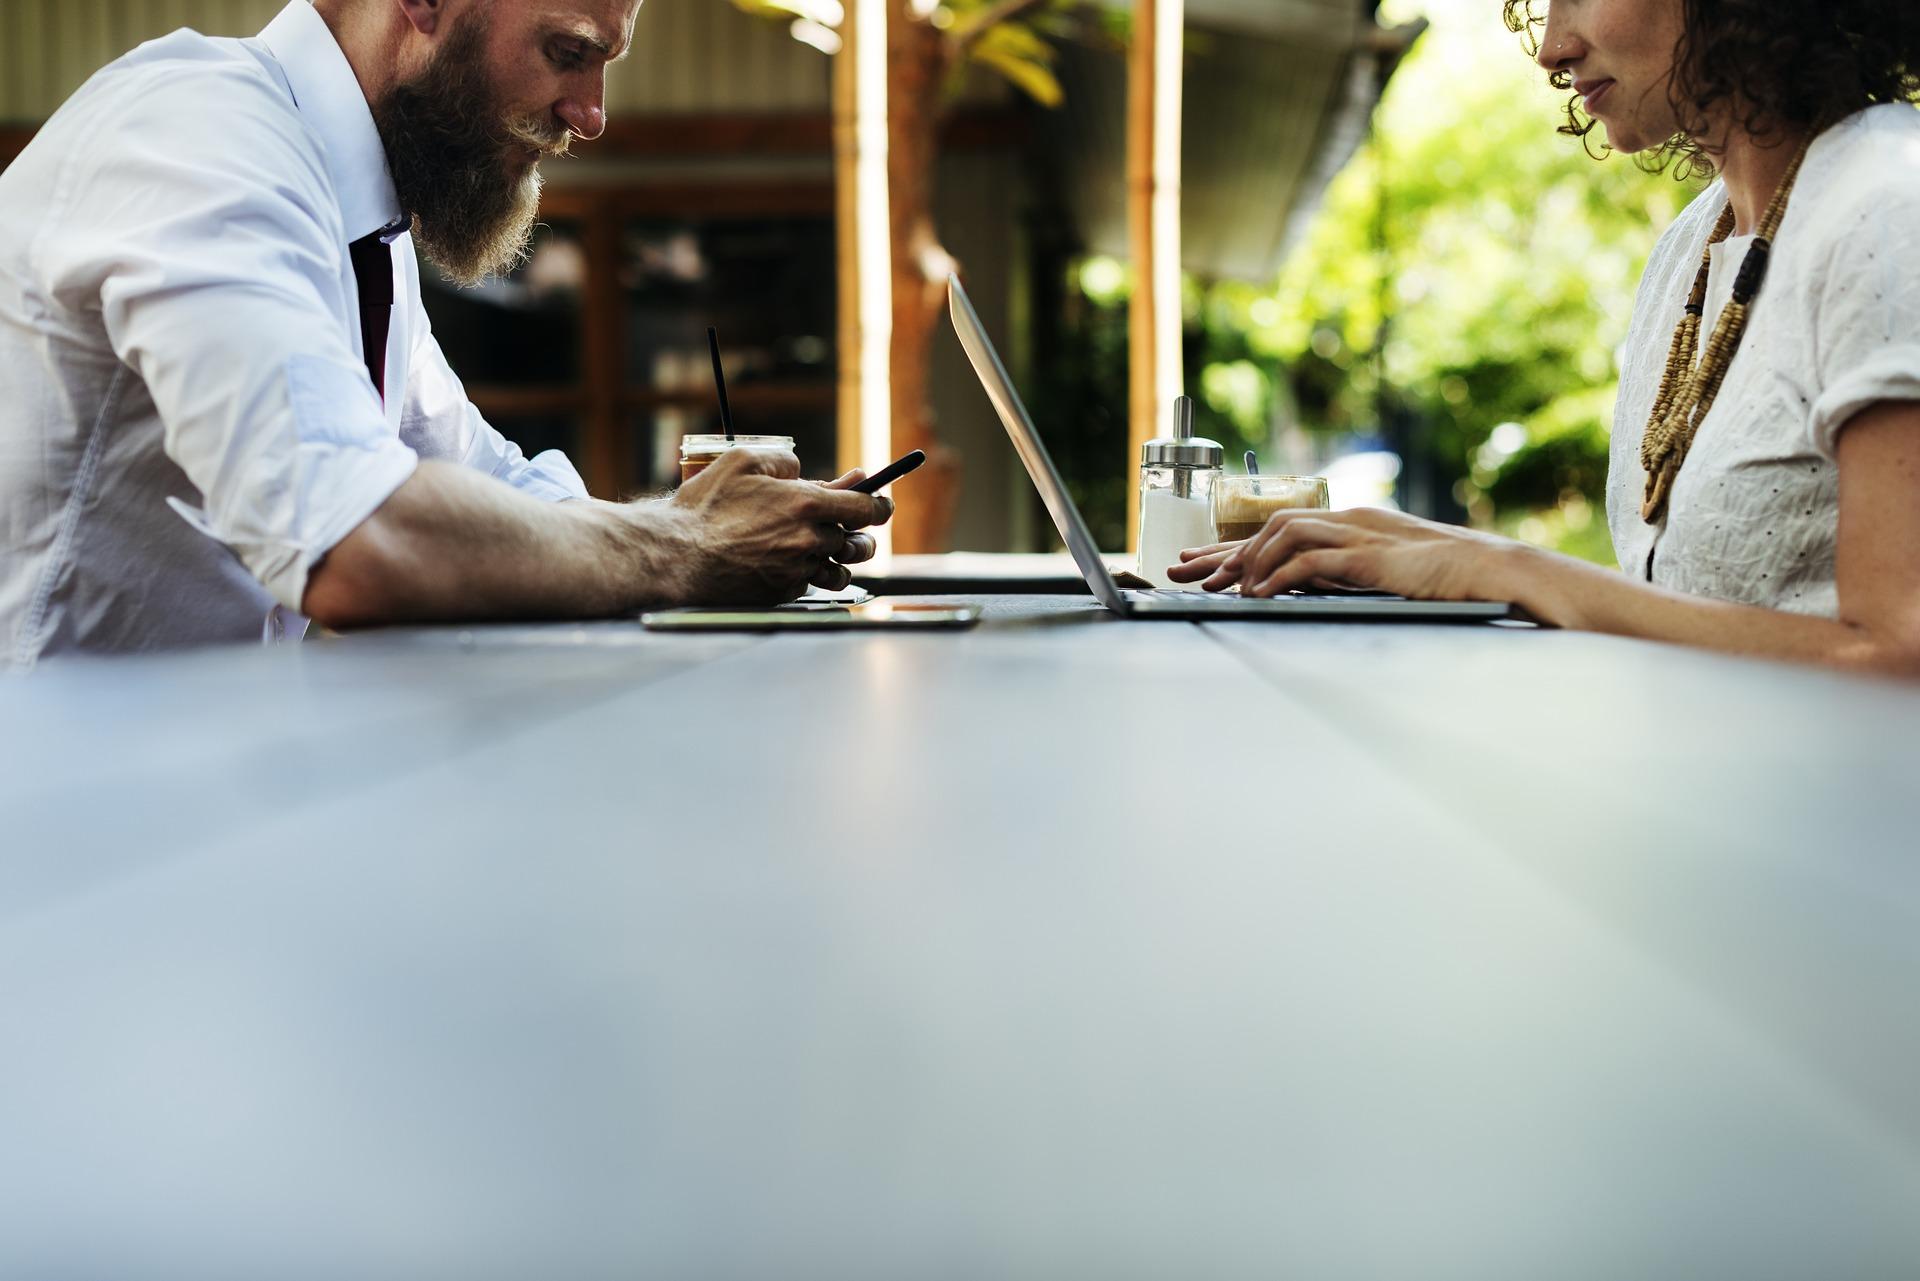 Employability Now: Banen van de toekomst